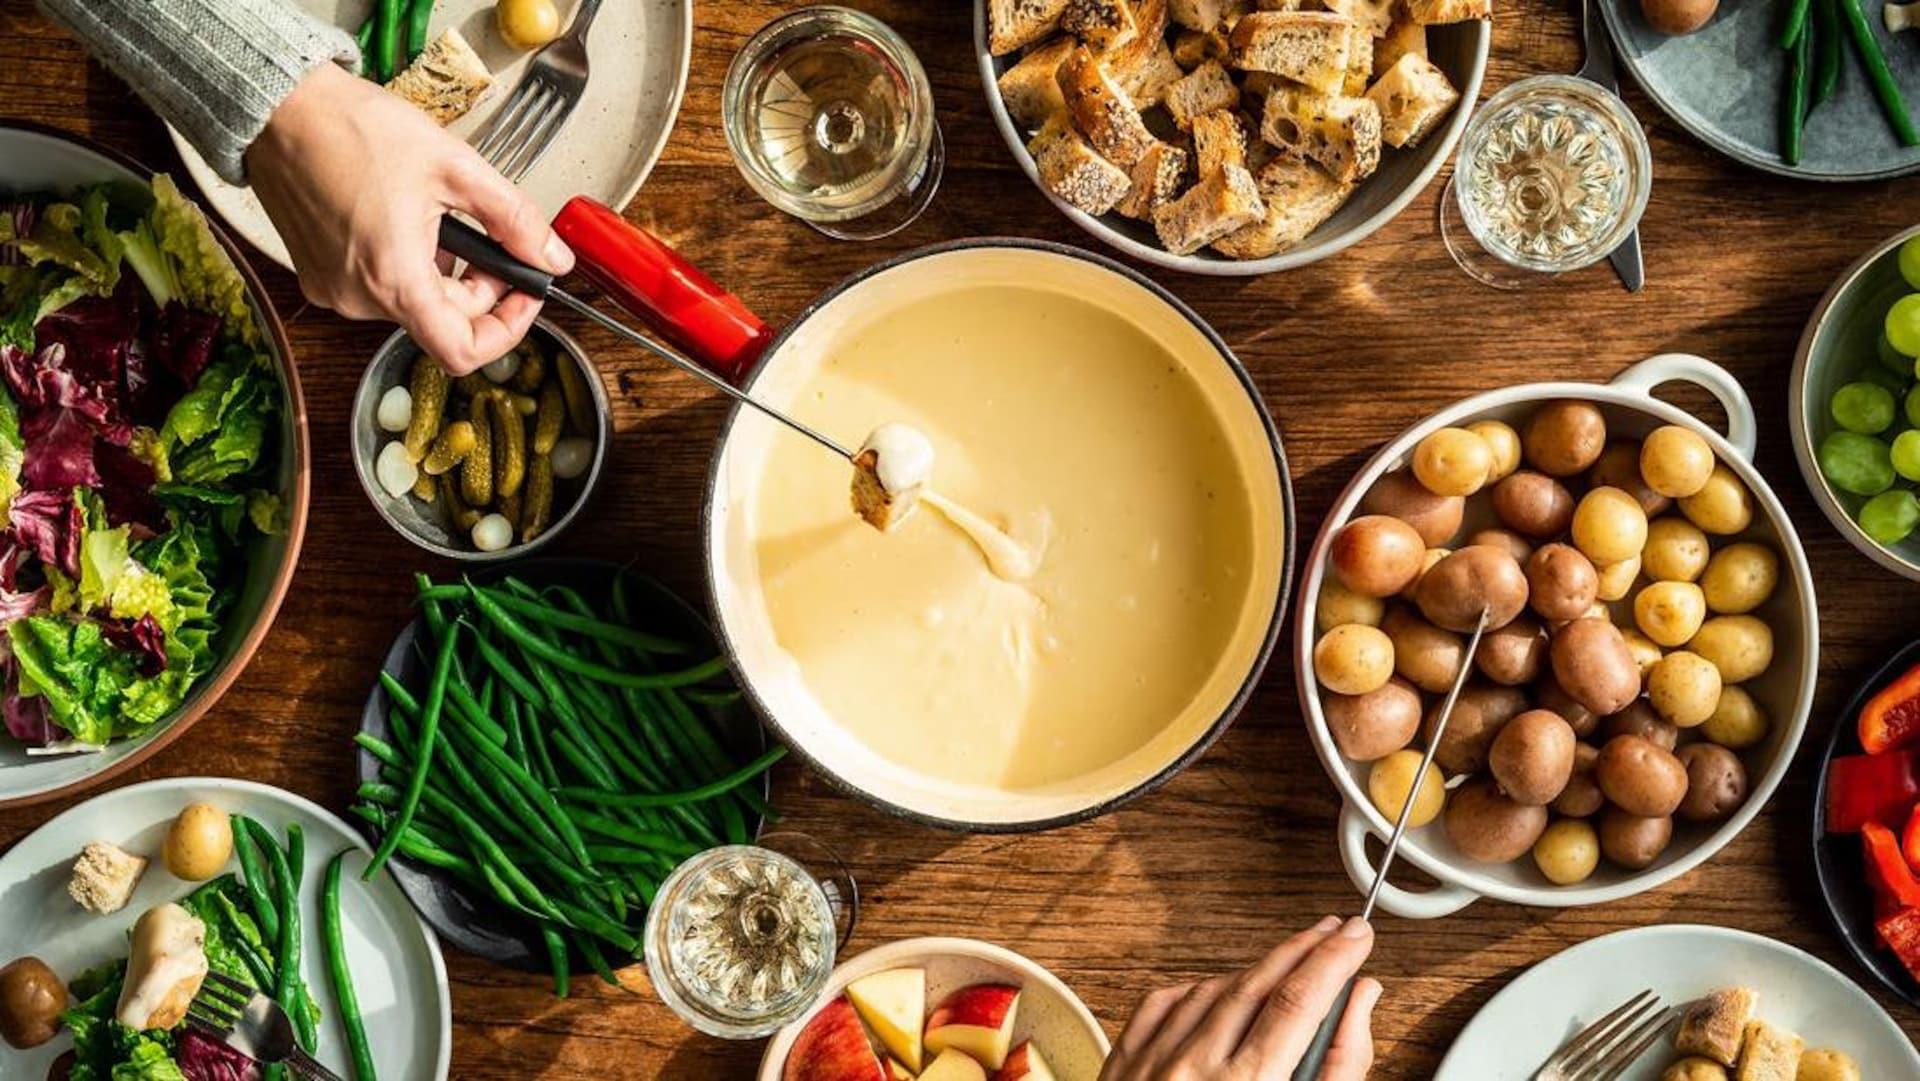 Fondue au fromage entourée de morceaux de pain, de pommes de terre grelot, de fruits et de légumes.